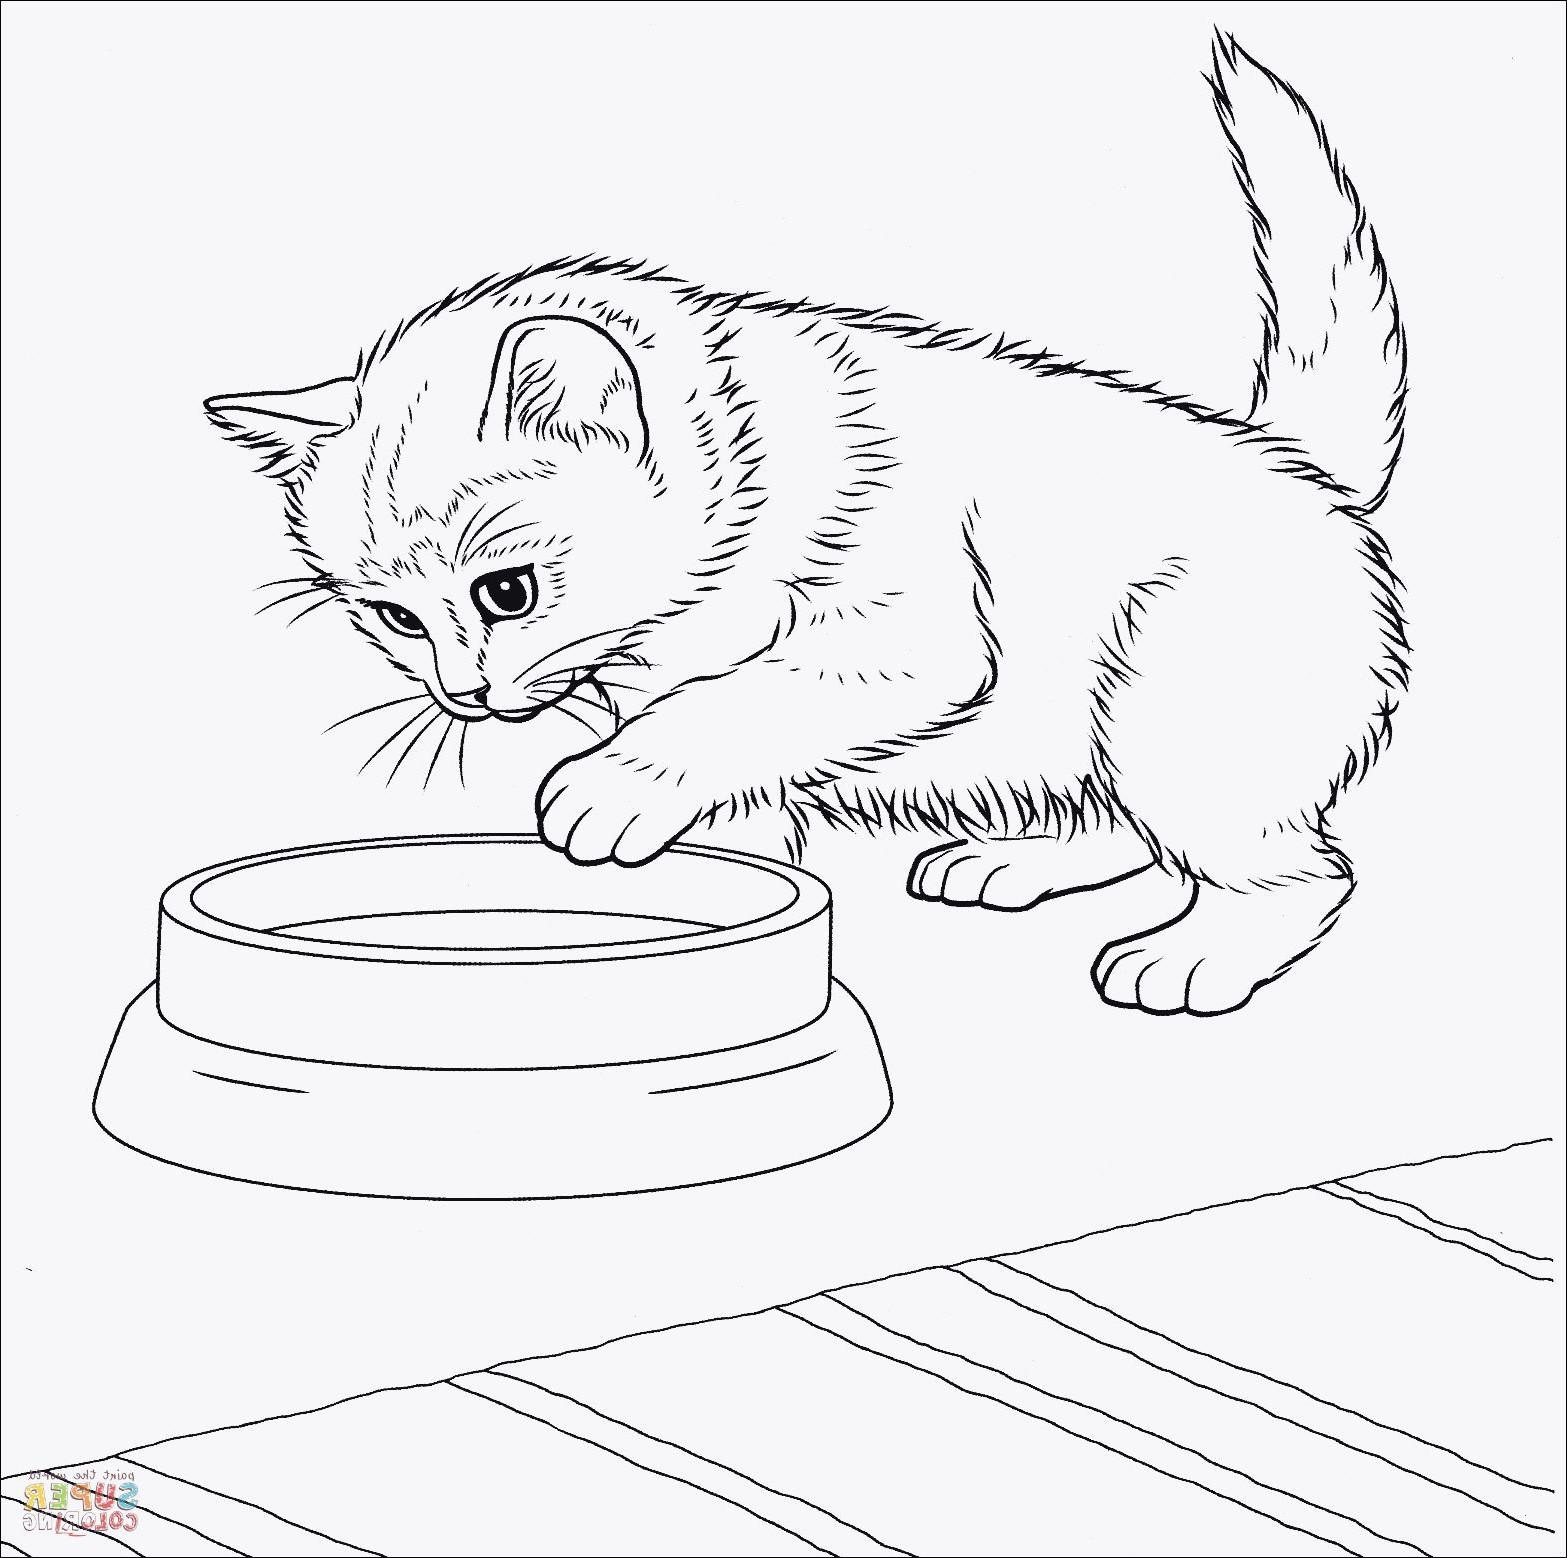 Ausmalbilder Hund Und Katze Neu 27 Neu Katzen Ausmalbilder – Malvorlagen Ideen Galerie